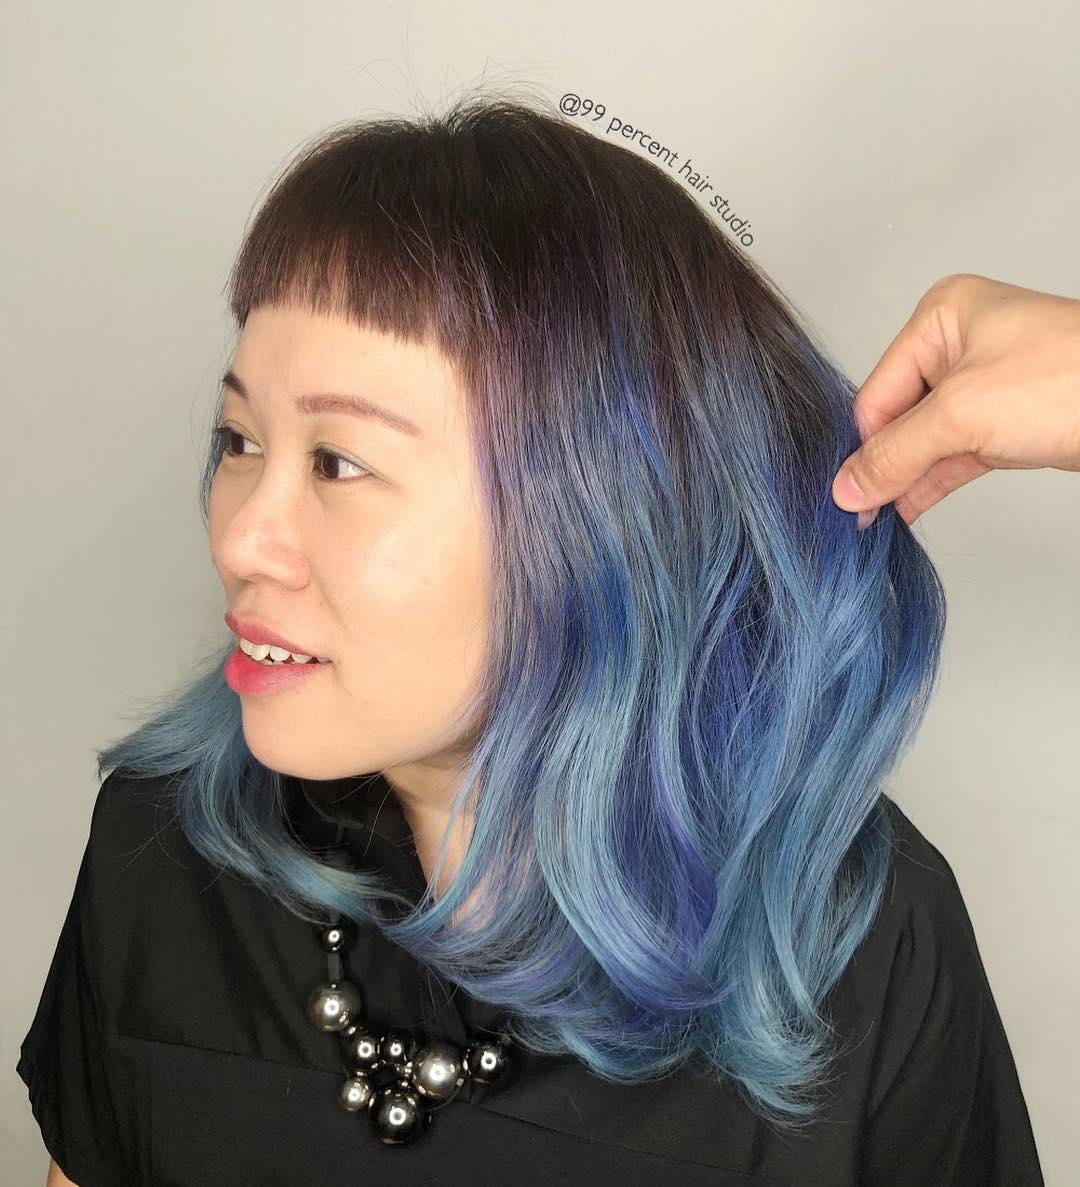 99 Percent Hair Studio Fringe Cut